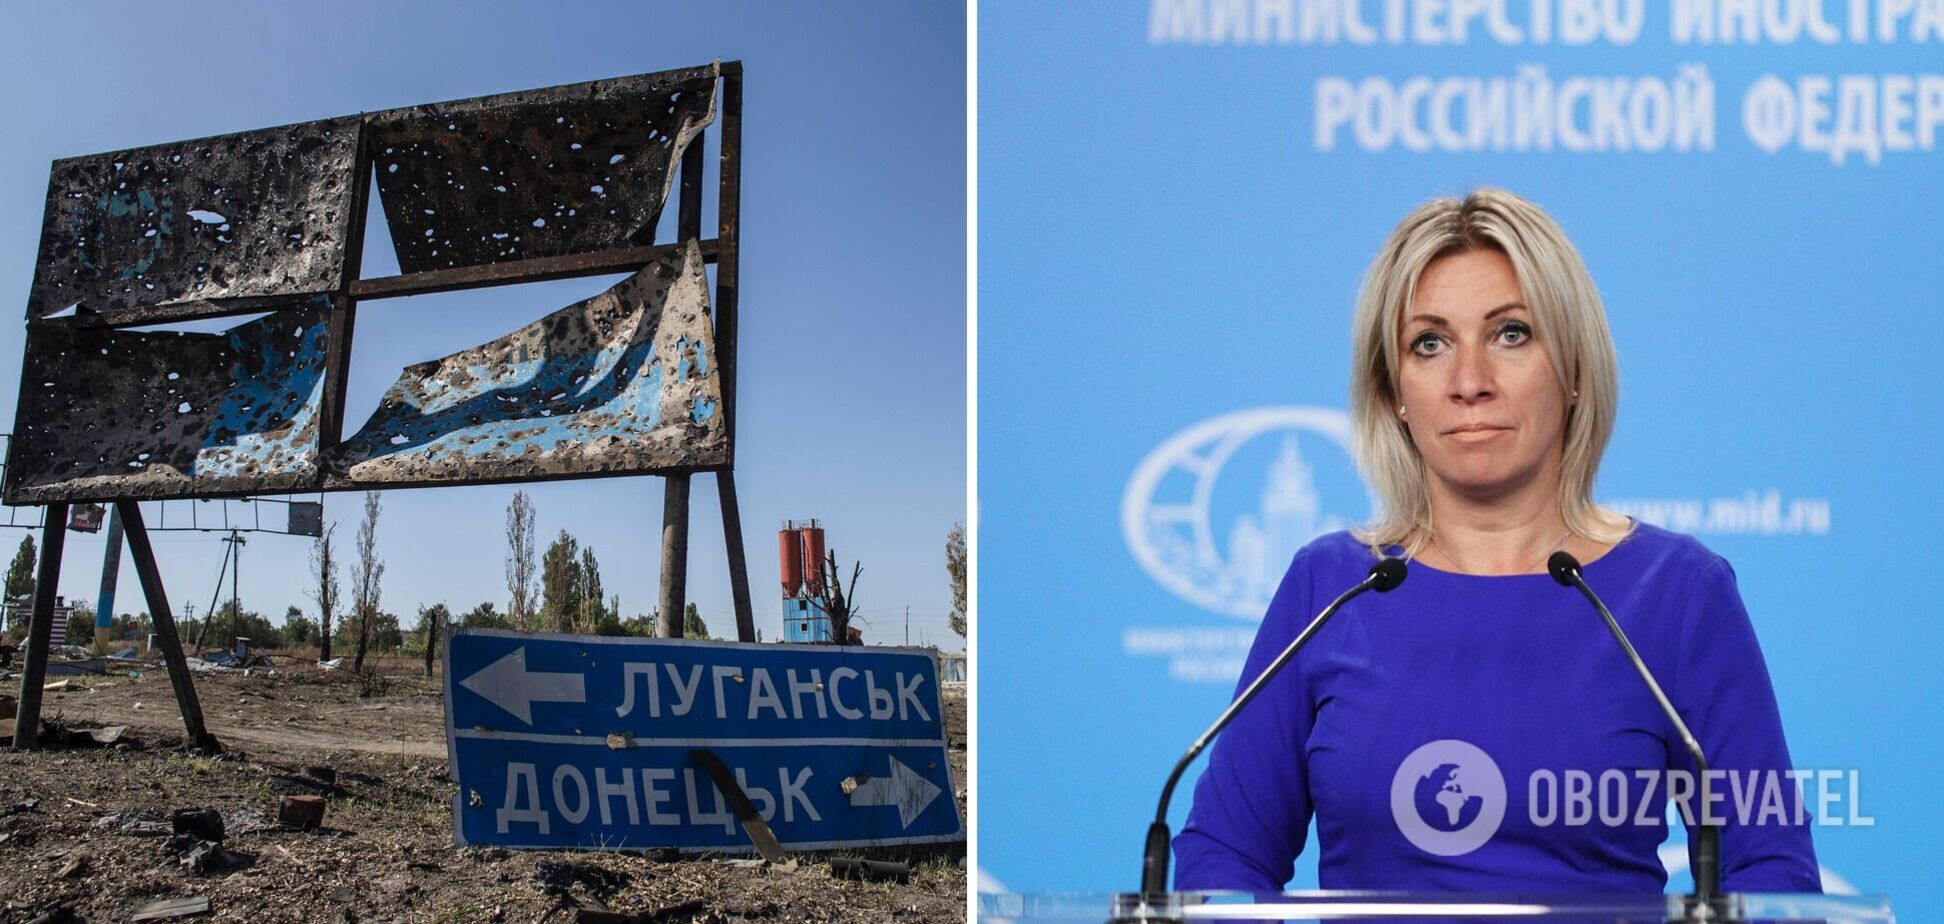 В МИД России выдали Украине обвинение в эскалации и связали ядерное оружие с рейтингом Зеленского